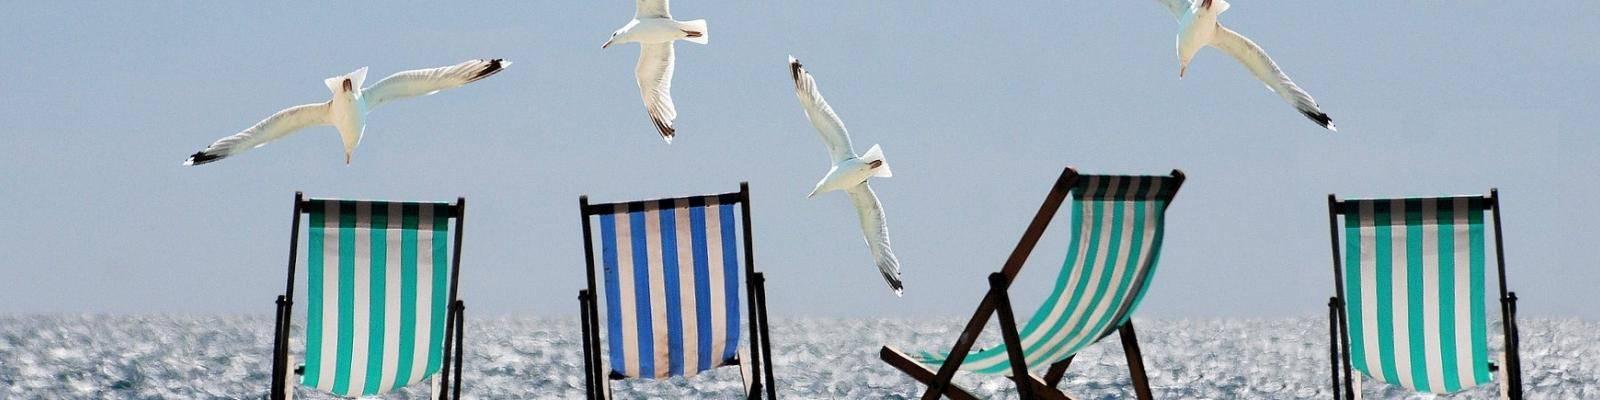 strandstoelen meeuwen en zee